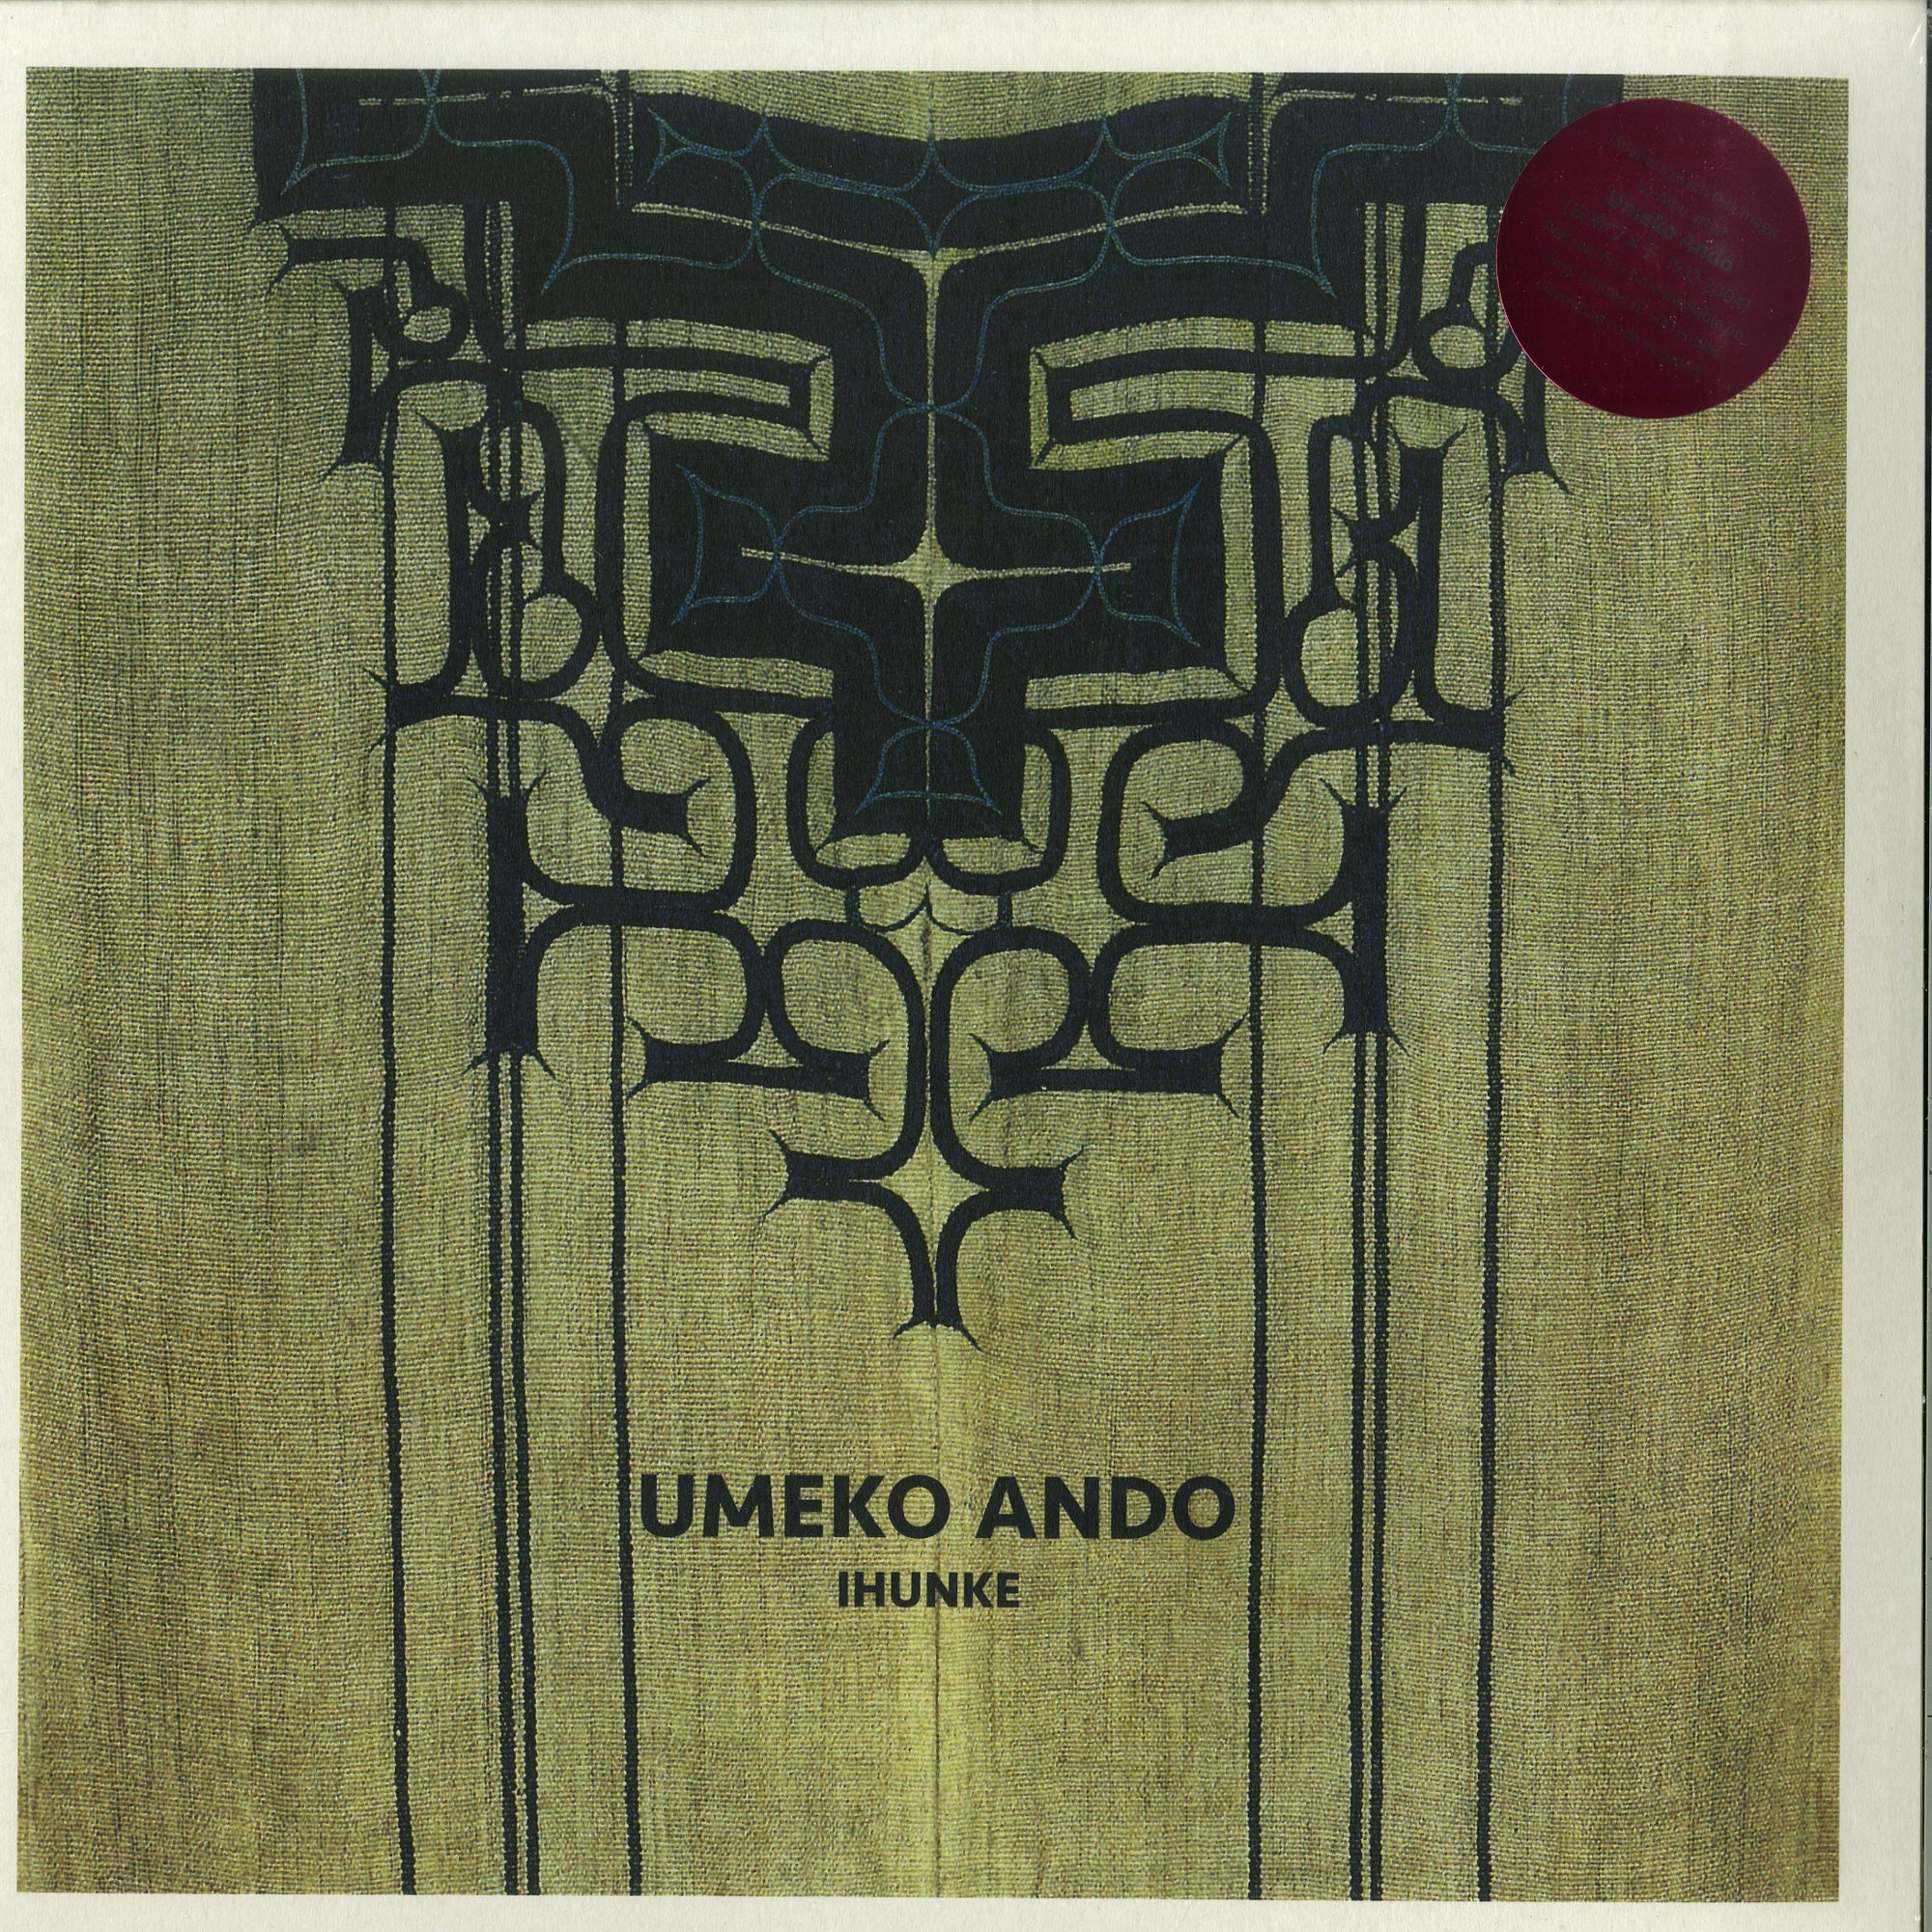 Umeko Ando - IHUNKE